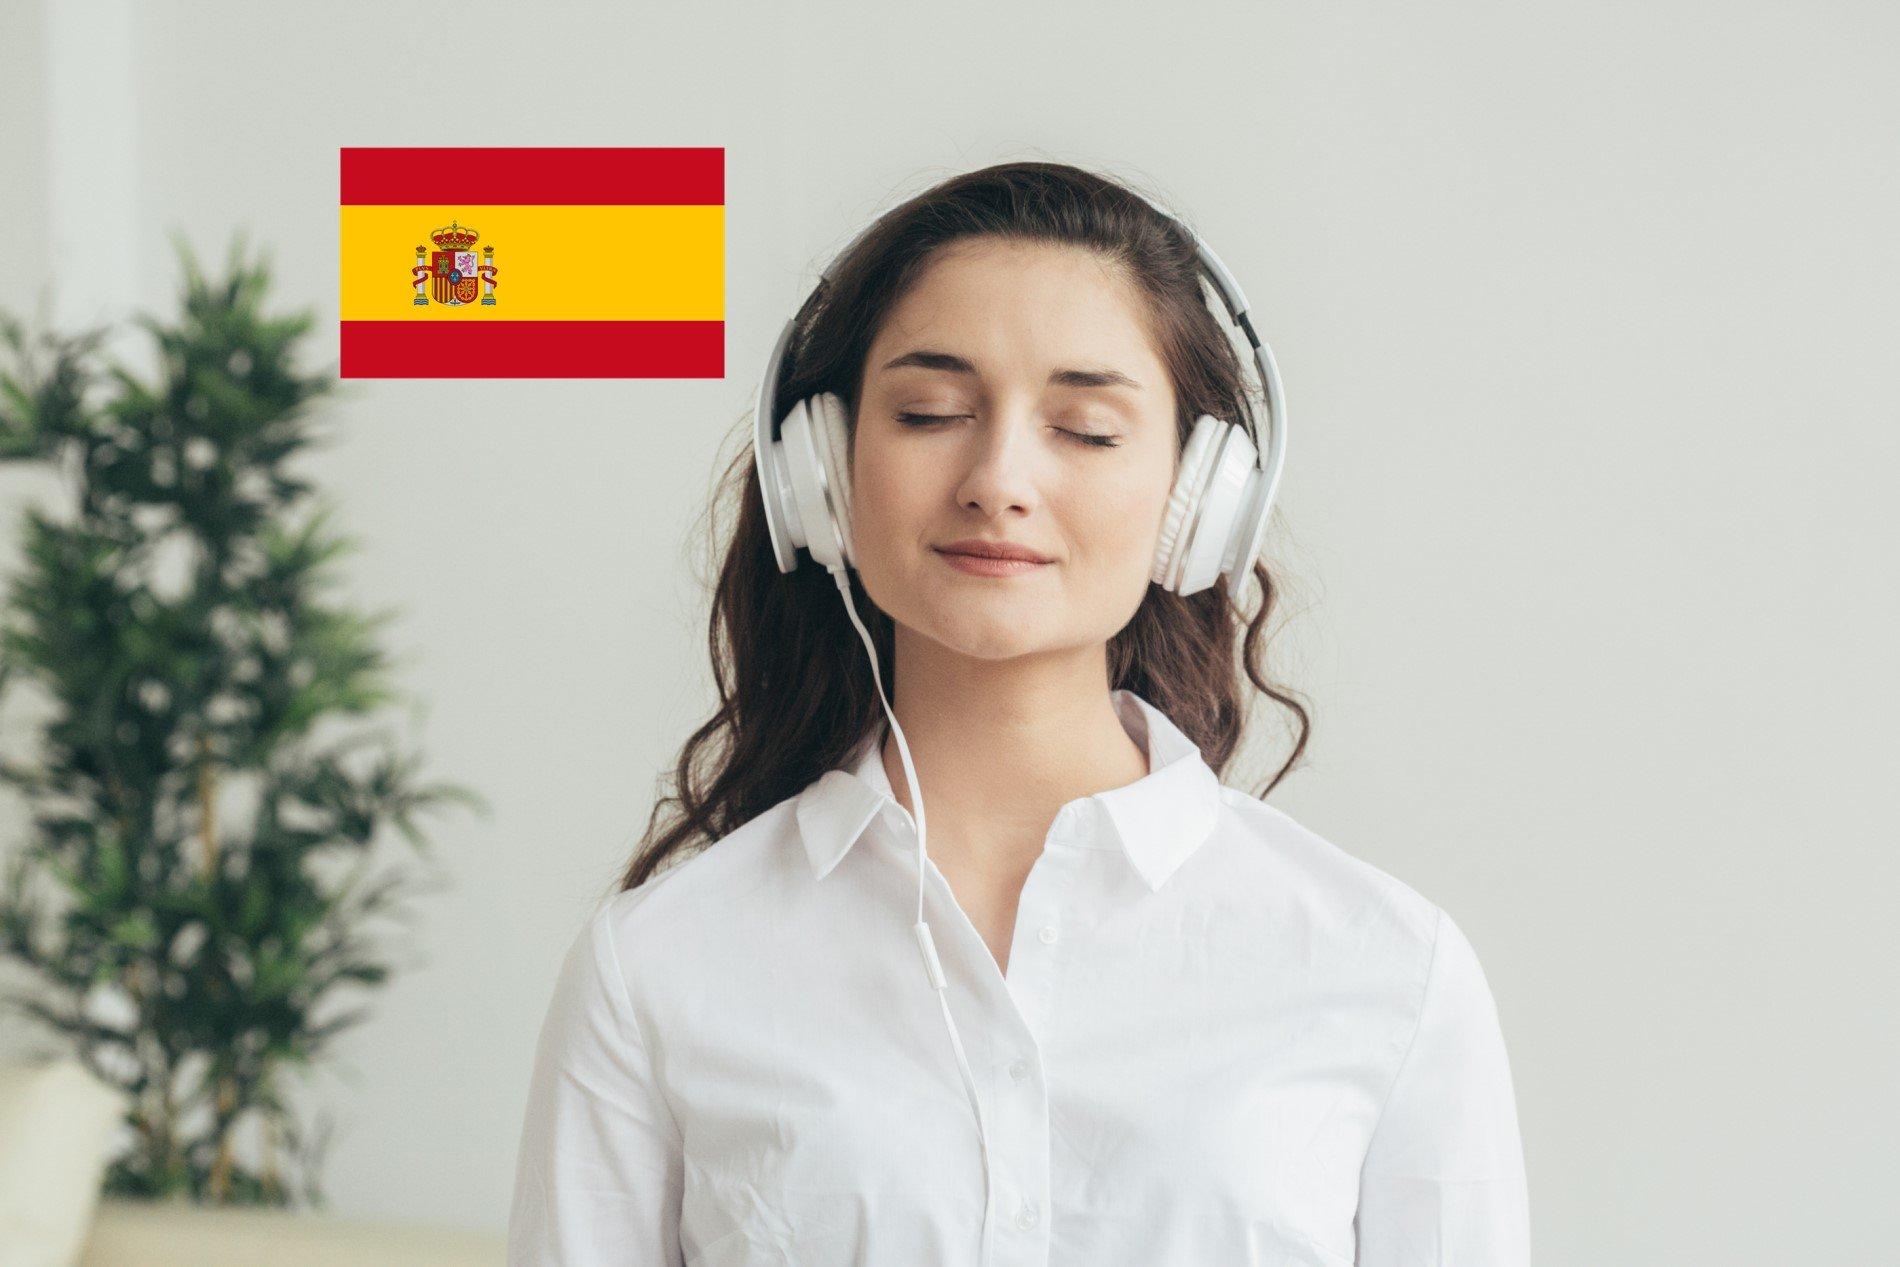 CLASSIFICA MUSICA SPAGNOLA SETTEMBRE 2021 – Exitos España 2021 SEPTIEMBRE – CANZONI SPAGNOLE SETTEMBRE 2021